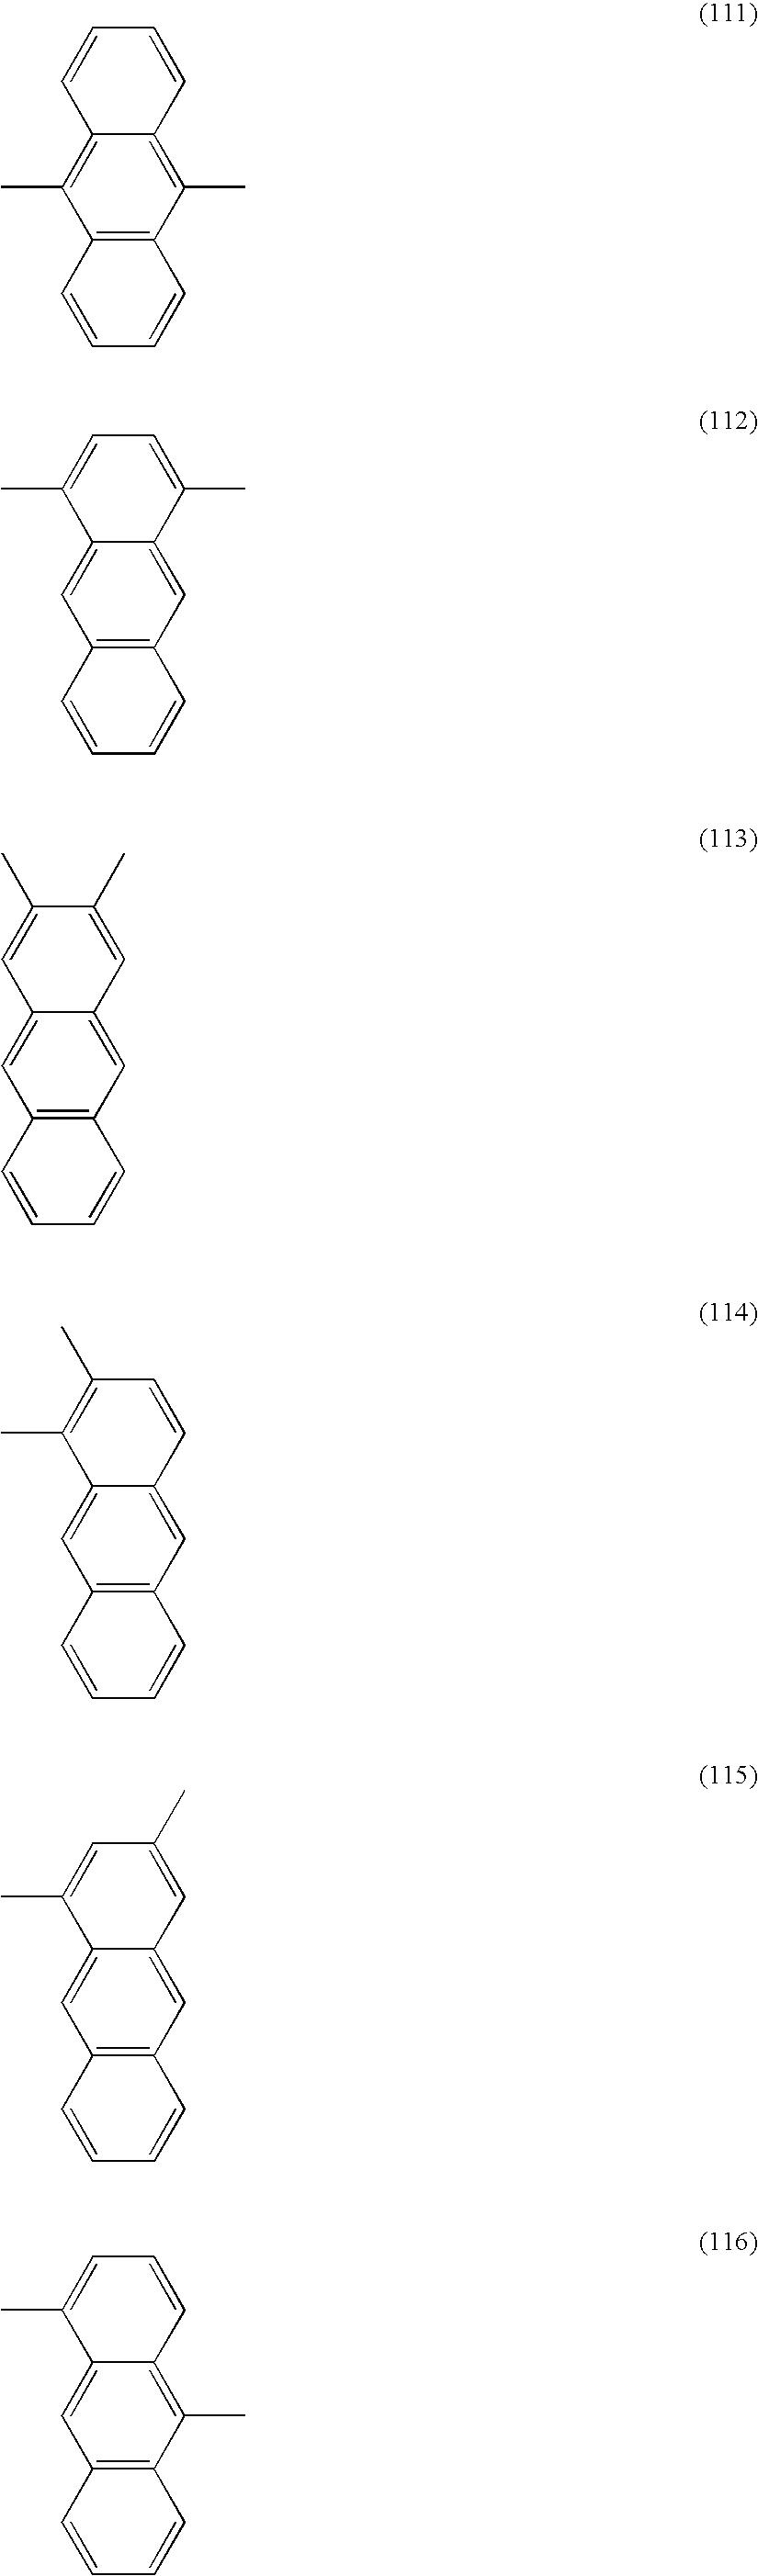 Figure US08154195-20120410-C00051